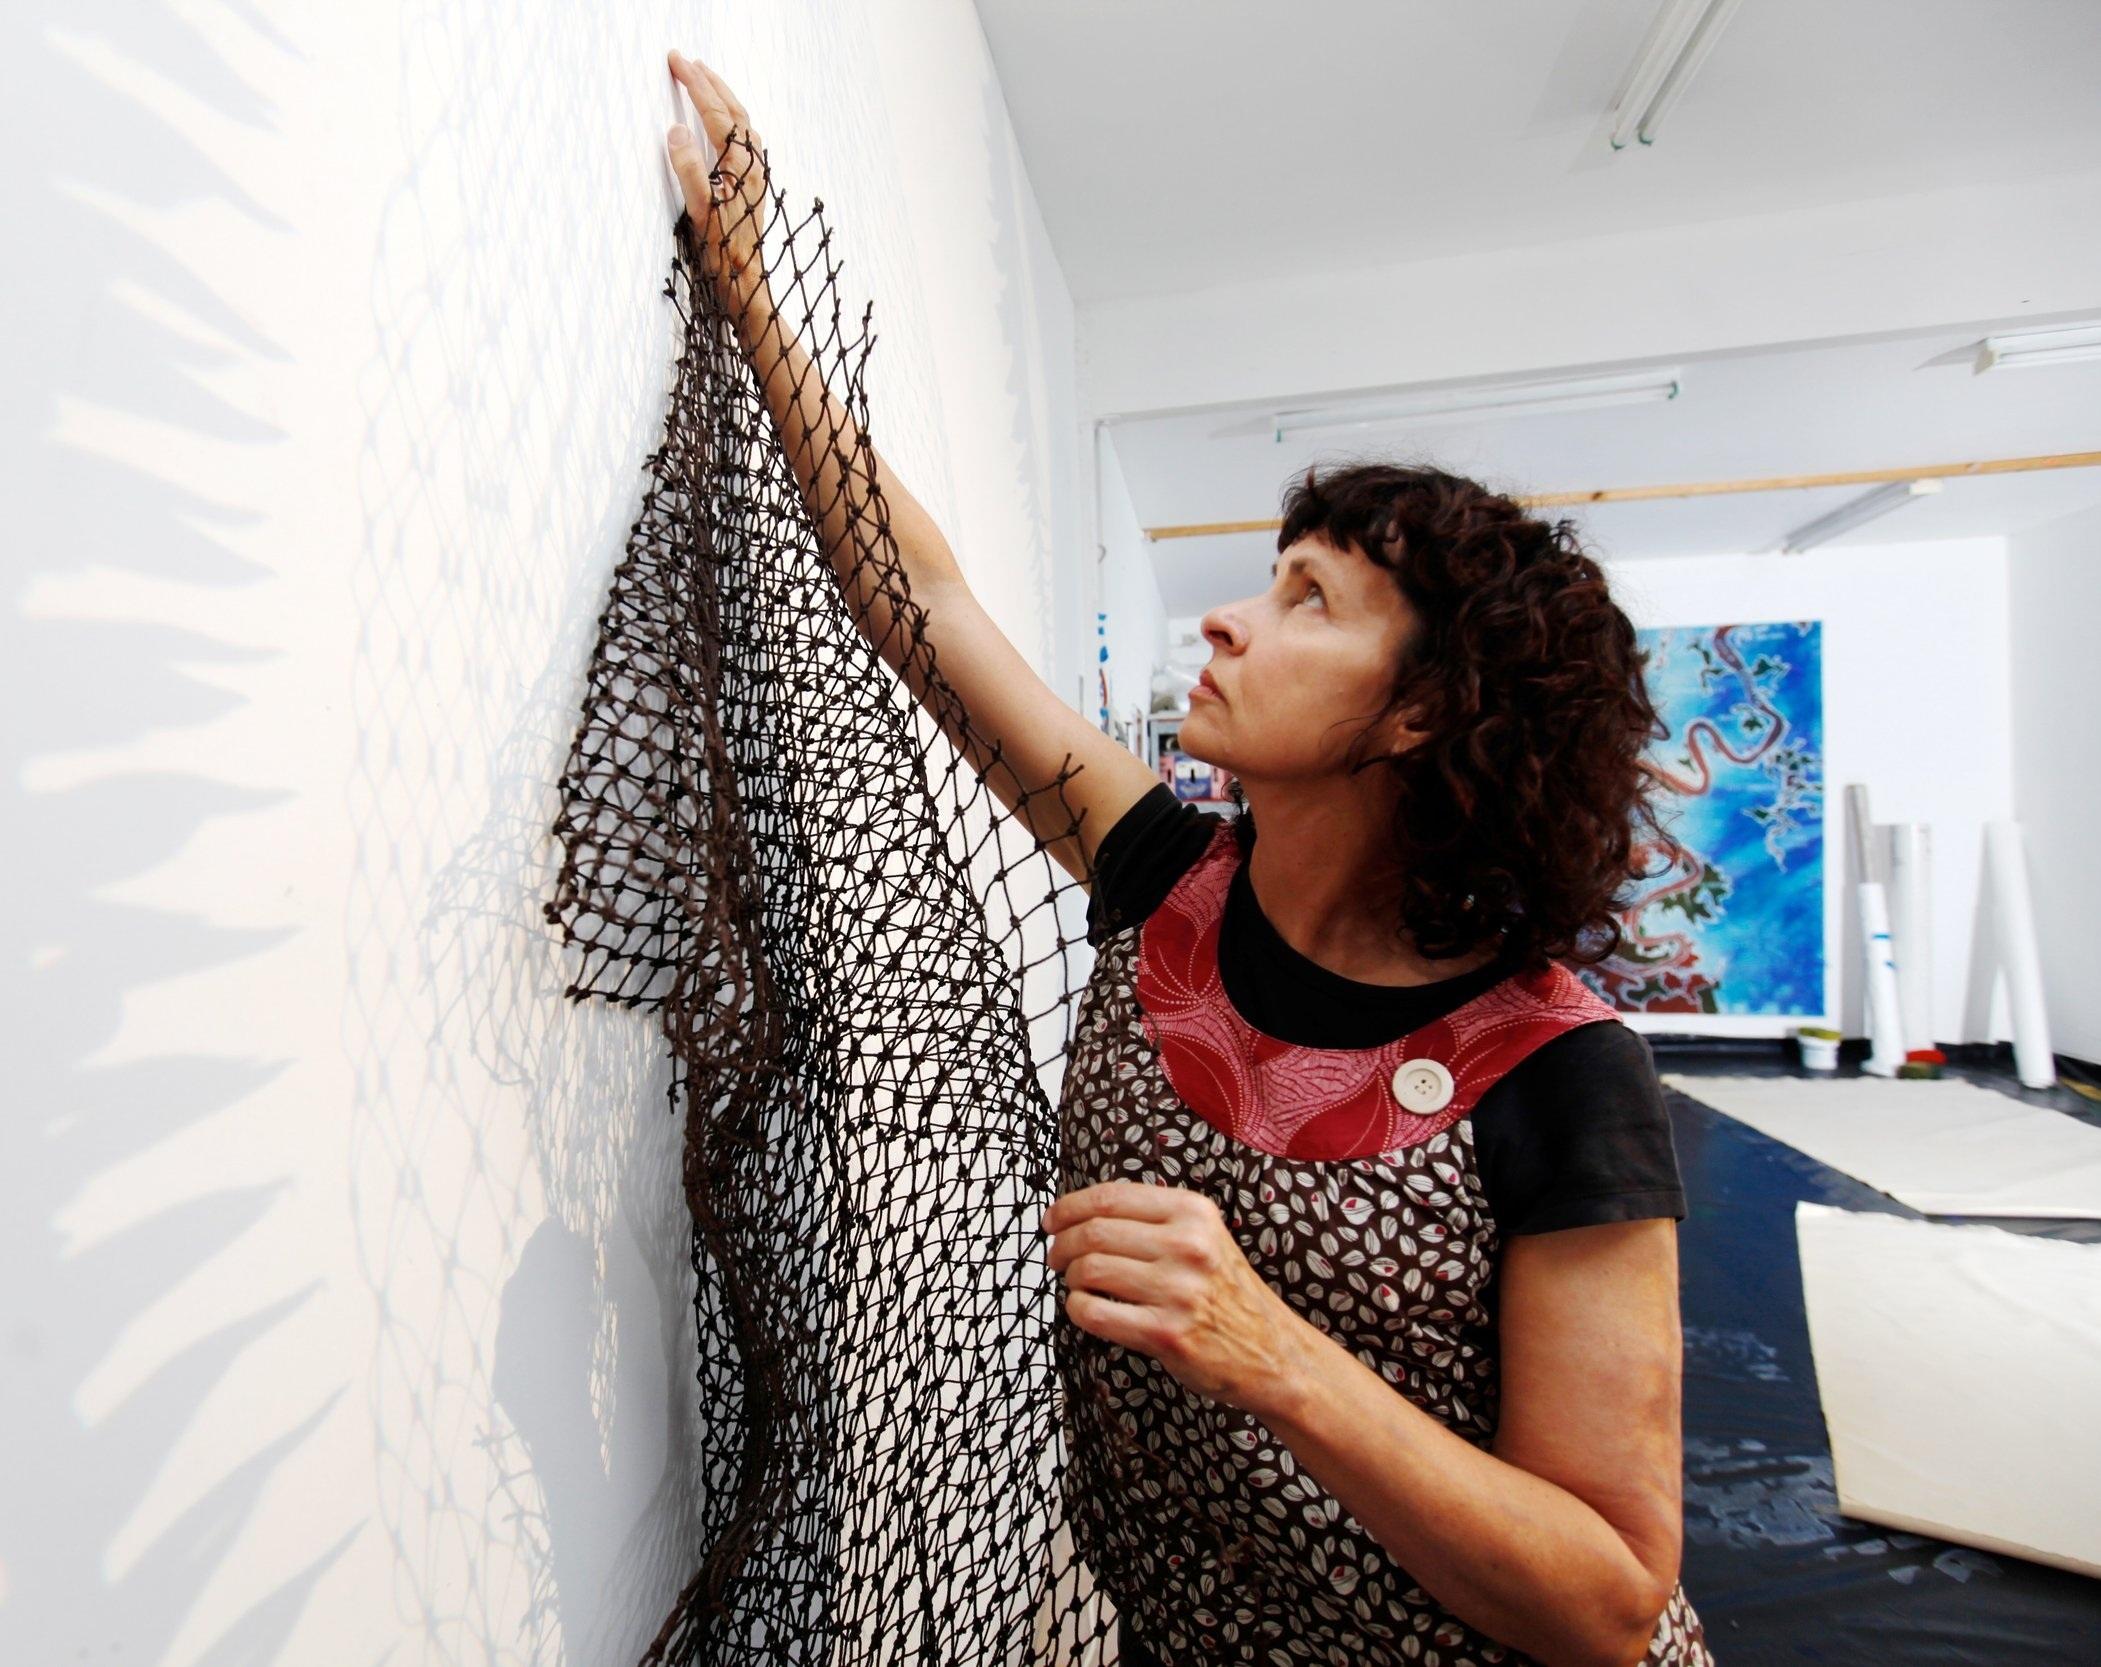 Judy Watson - Brisbane, Australia